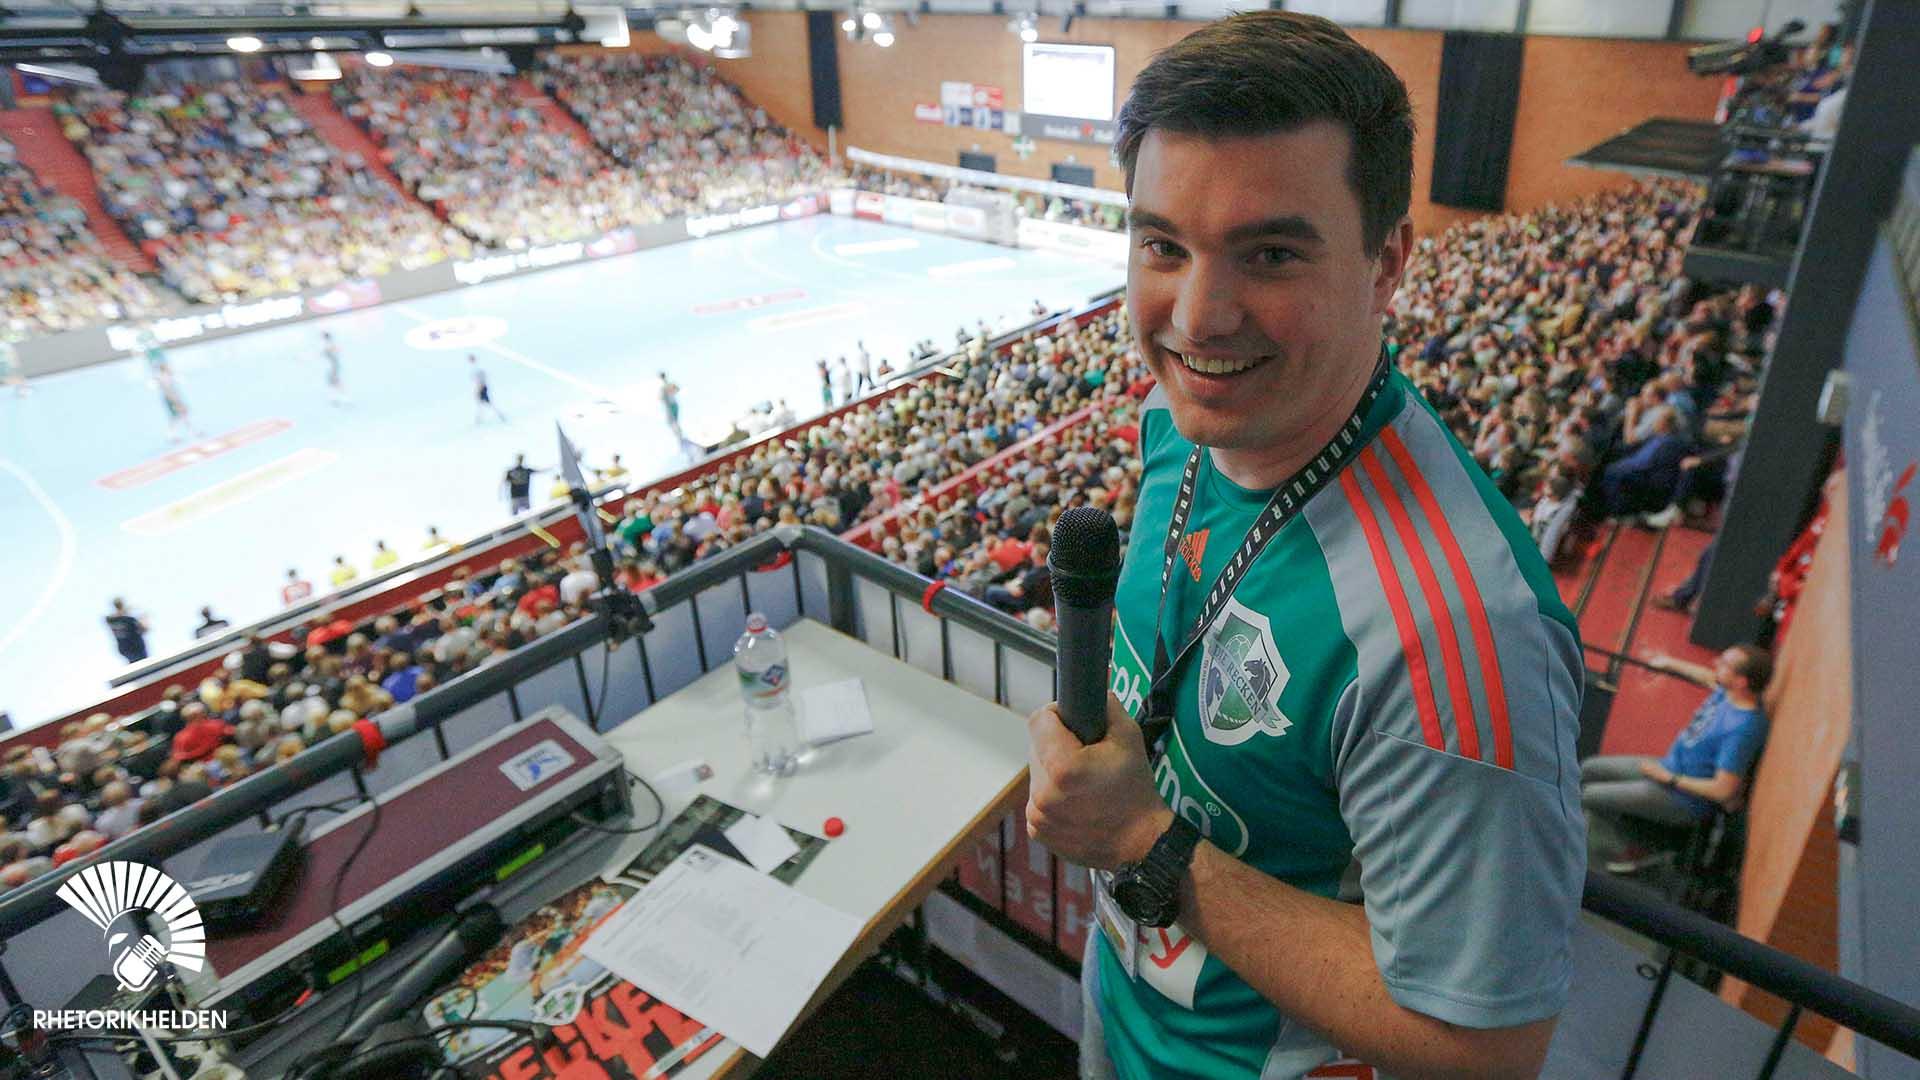 Sport-Moderator in Leipzig gesucht - Tim Christopher Gasse buchen